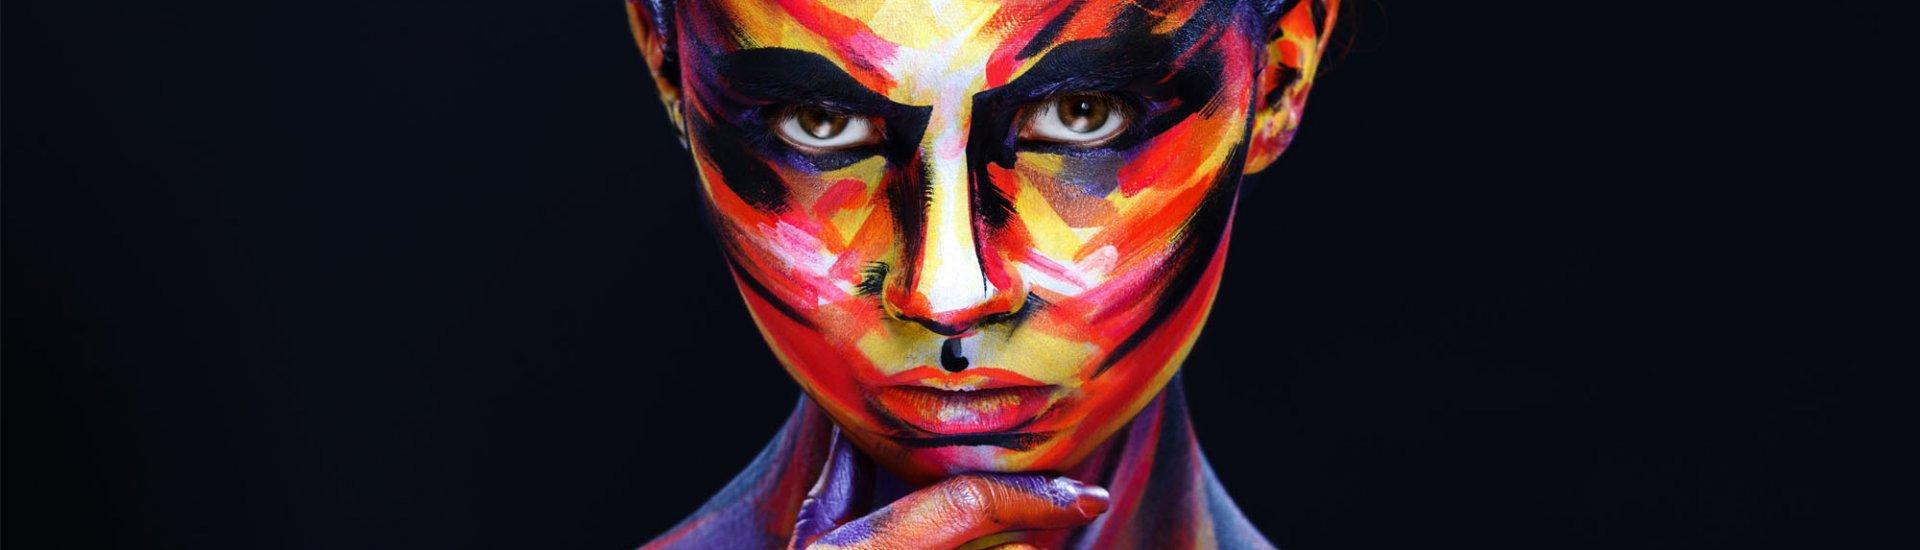 Farbige Kontaktlinsen: Typen, Aufbewahrung & Pflege